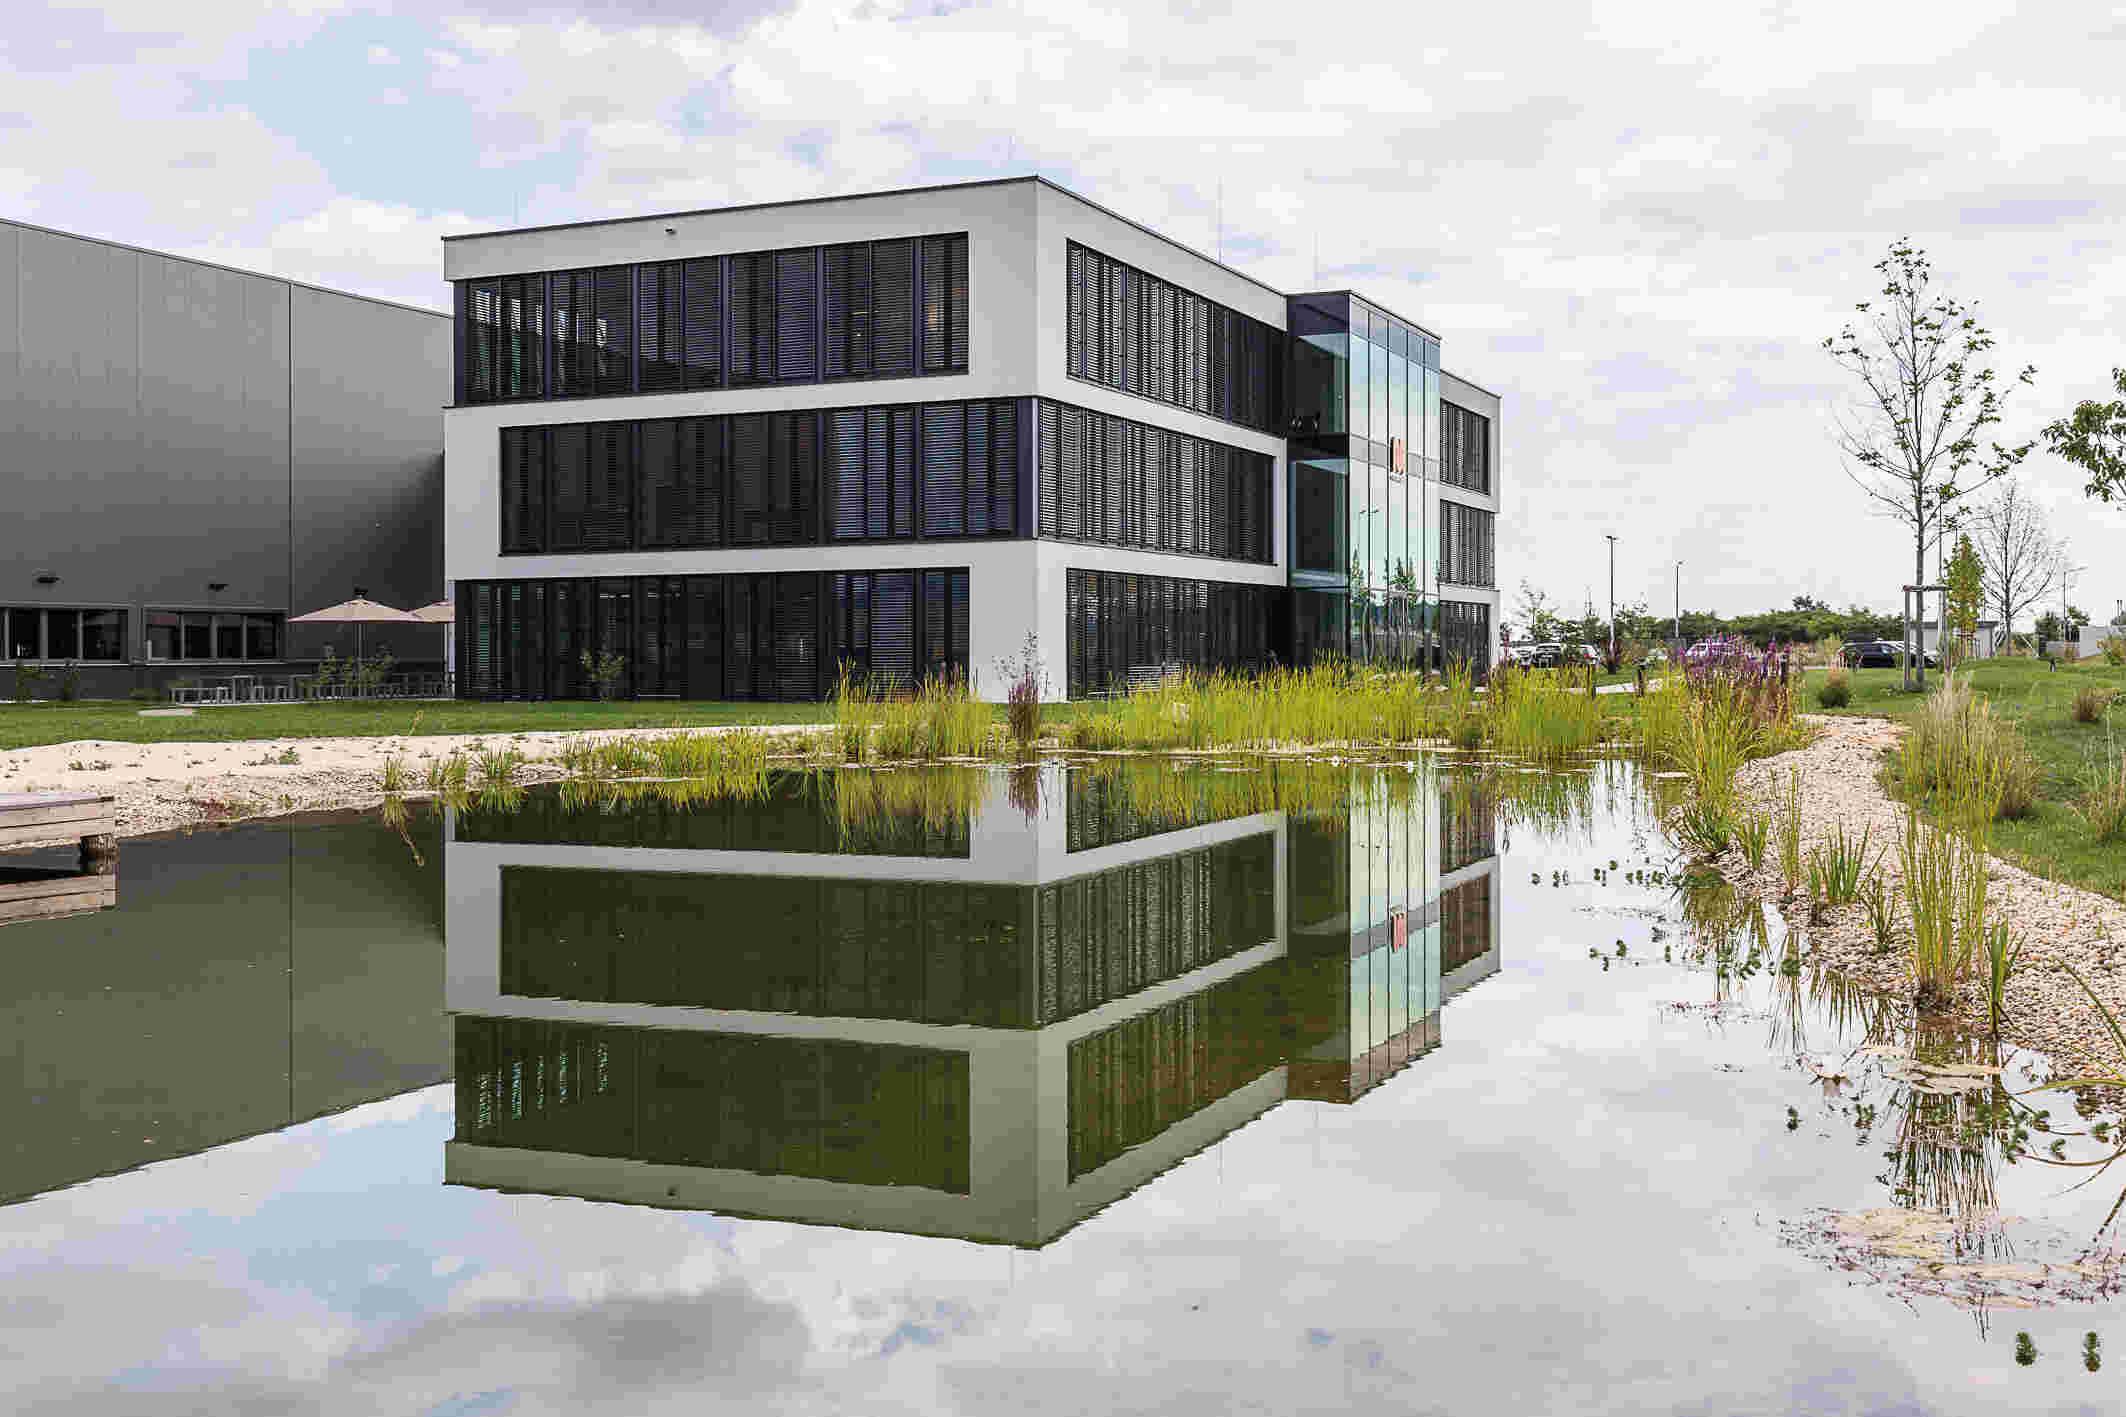 Vom neuen Werk Kottingbrunn aus werden pro Jahr rund 300 Elastomermaschinen in die ganze Welt geliefert.